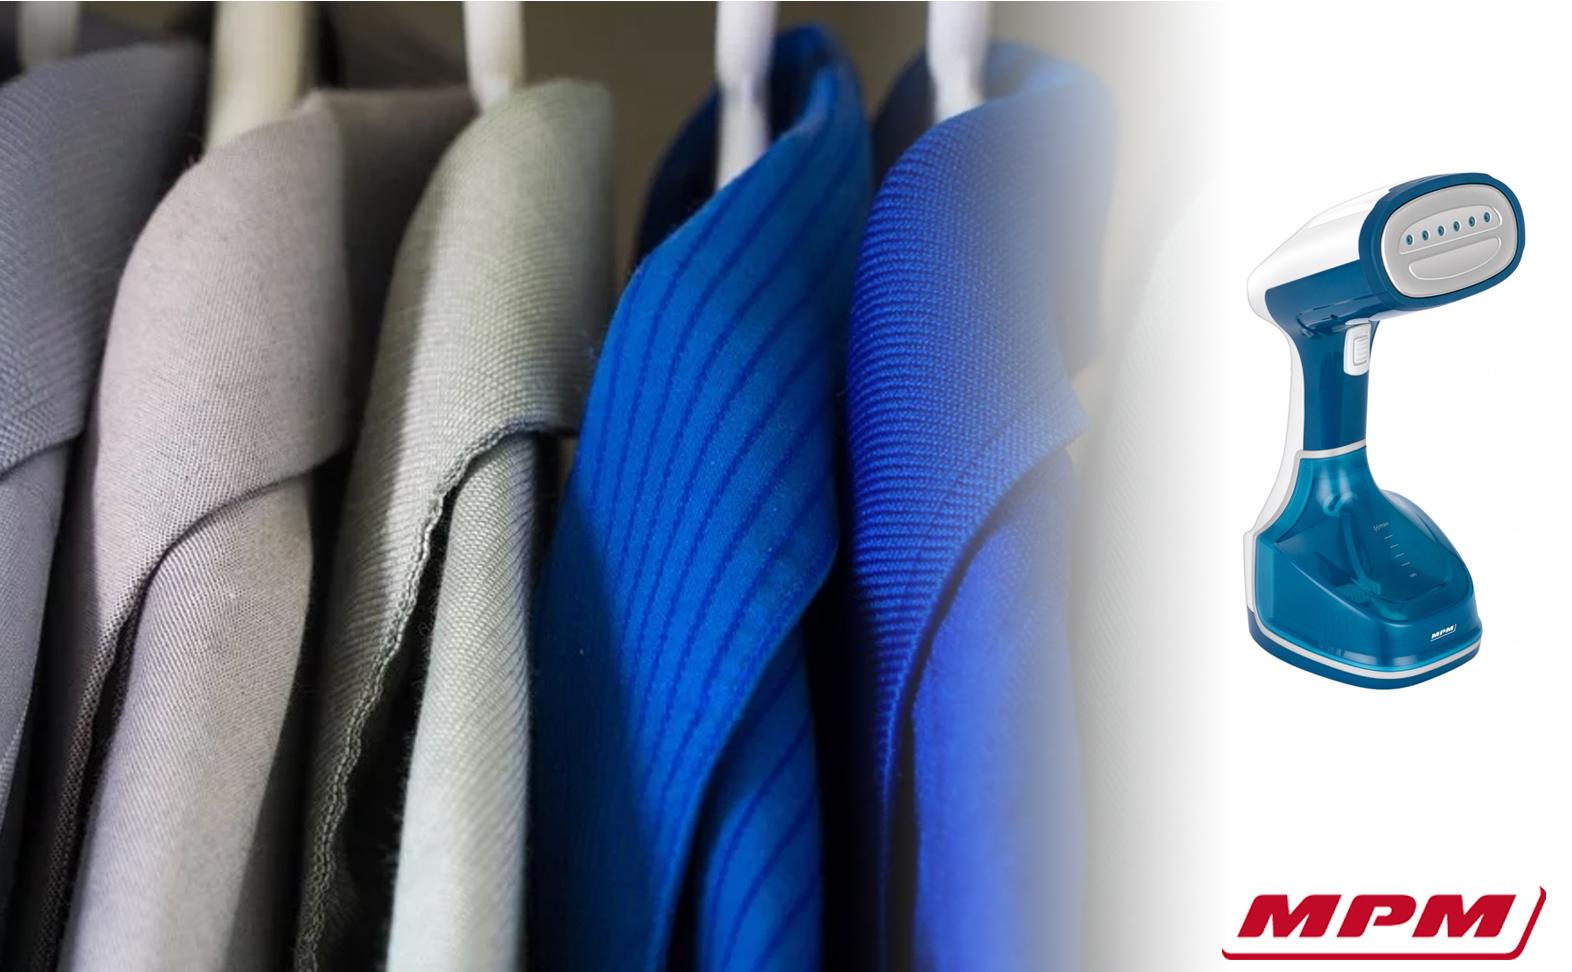 MPM MZP-02 Plancha Vapor Vertical para planchado de ropa colgada, cortinas, sábanas, en horizontal y vertical, golpe vapor 250gr/min., depósito 250ml, genera vapor en 30seg